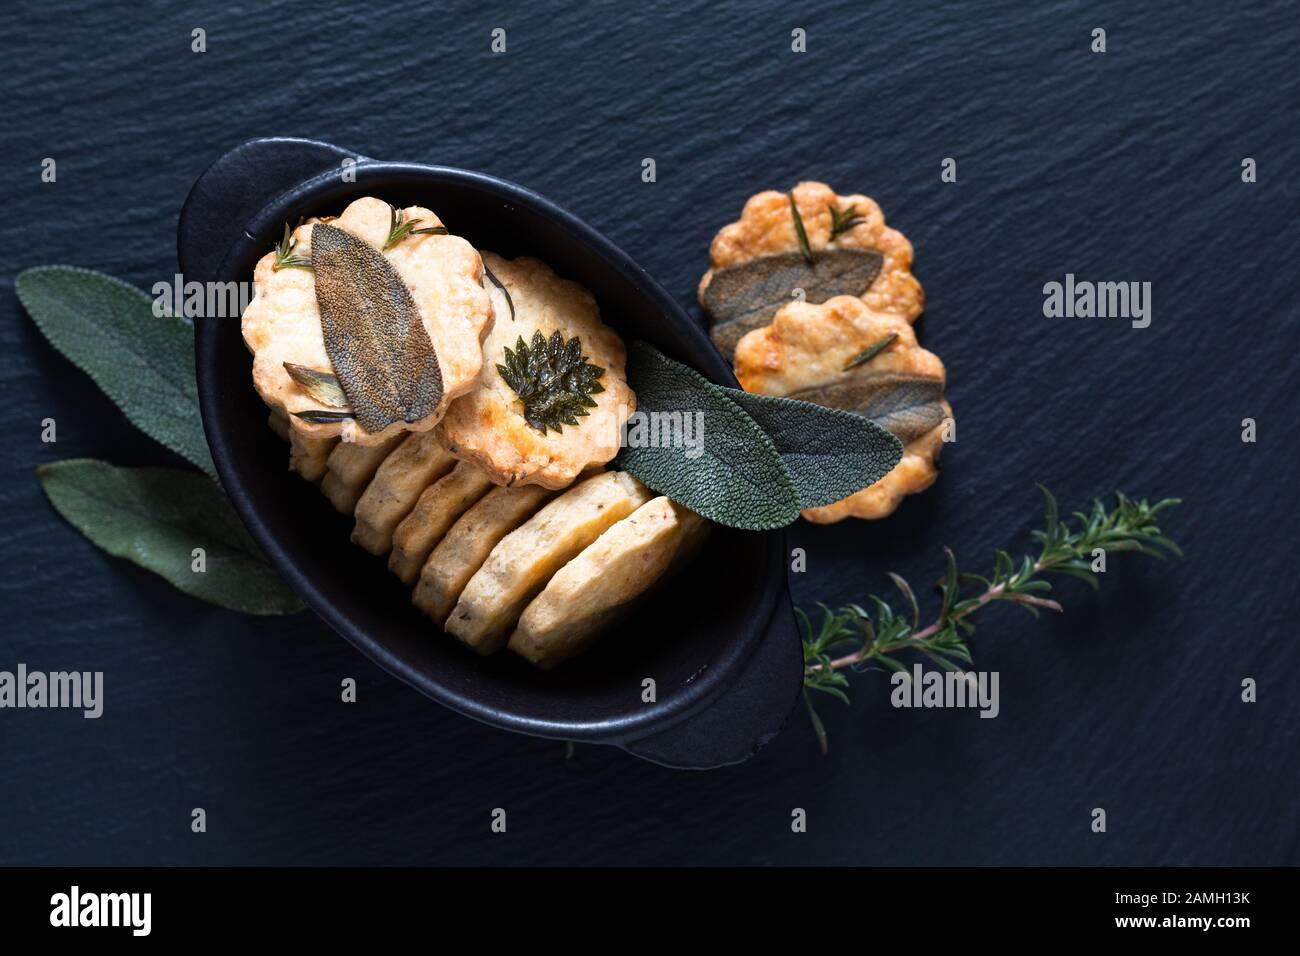 Concepto de comida saludable mezcla casera de galletas de shortbread a base de hierbas con espacio para copiar Foto de stock